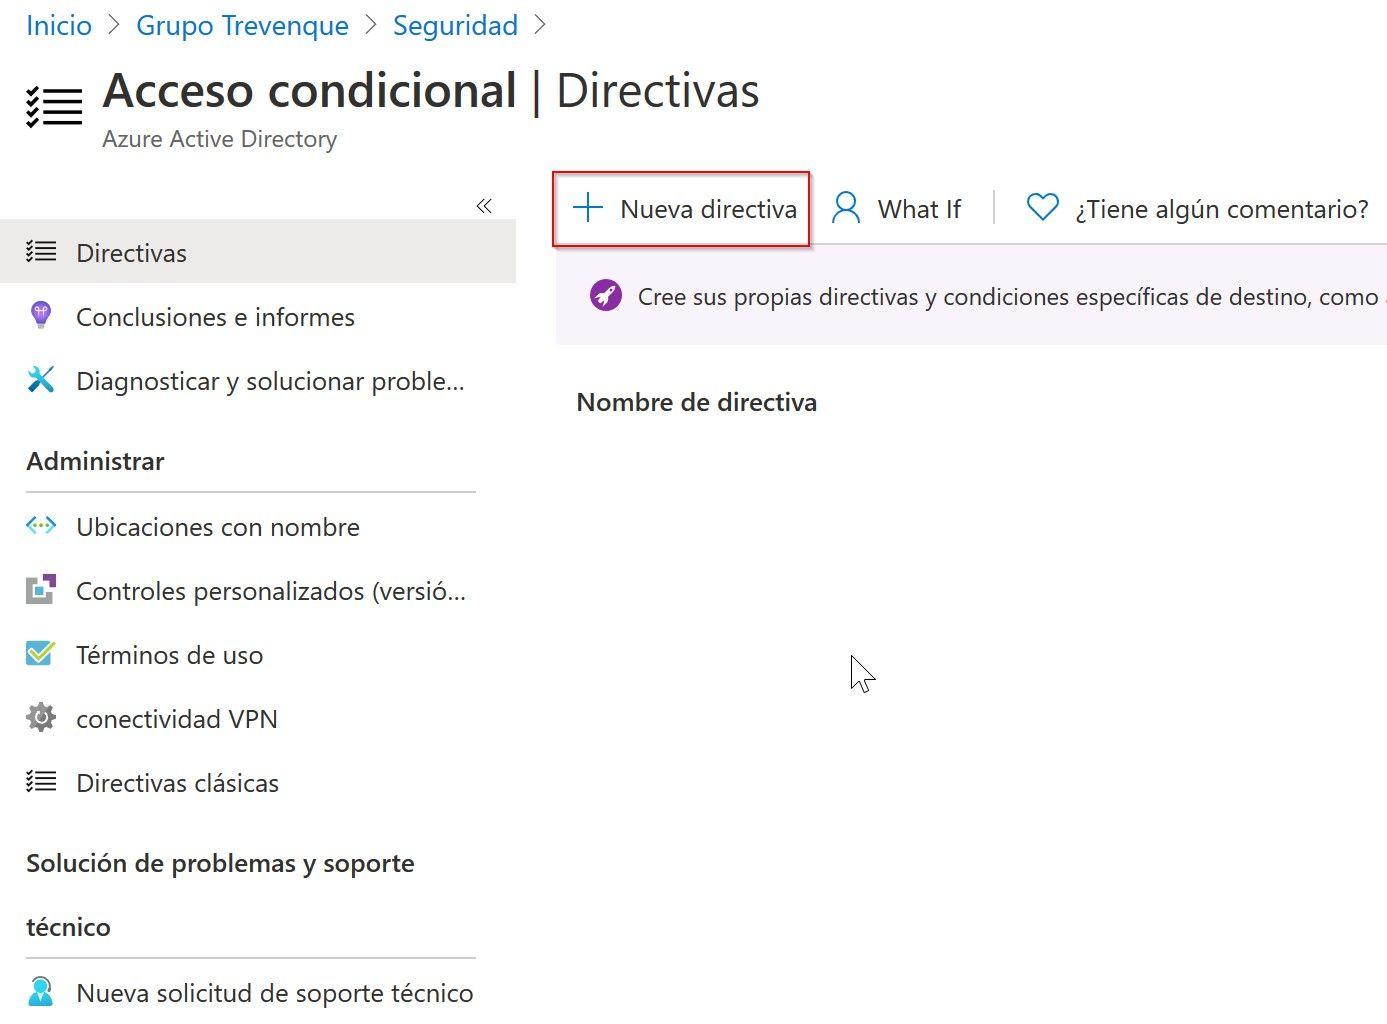 Directivas de acceso condicional